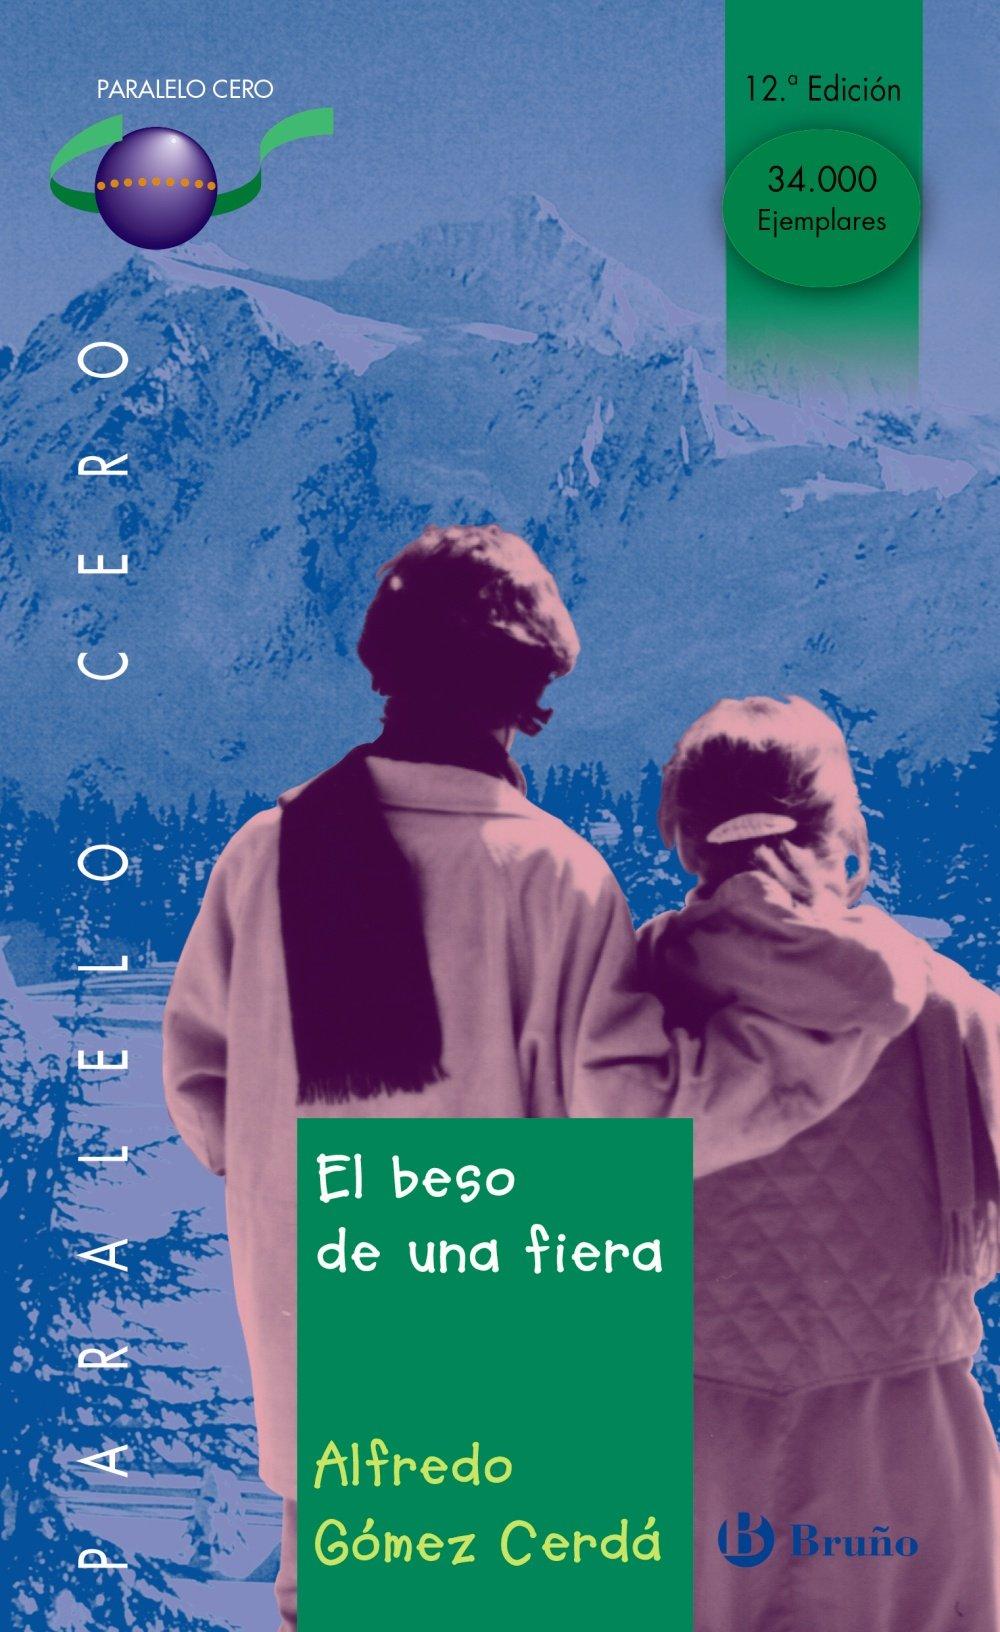 El beso de una fiera Castellano - Juvenil - Paralelo Cero: Amazon.es: Alfredo Gómez-Cerdá: Libros